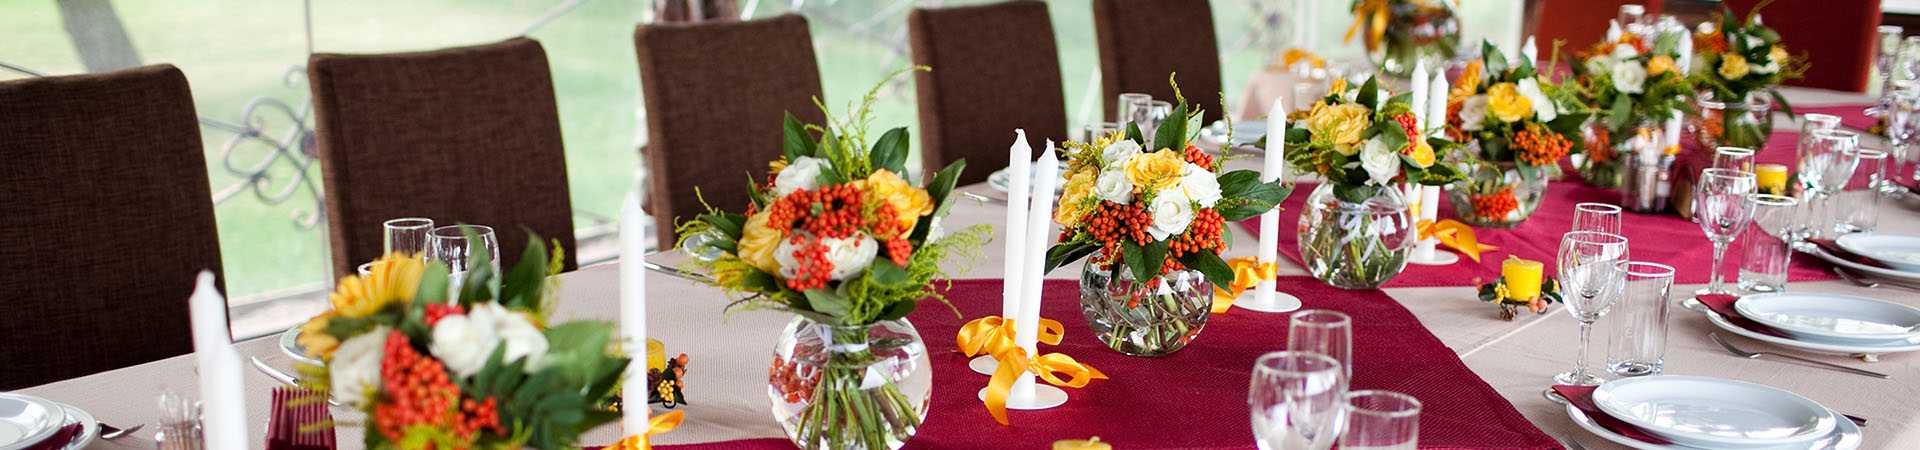 wholesale linen tablecloths